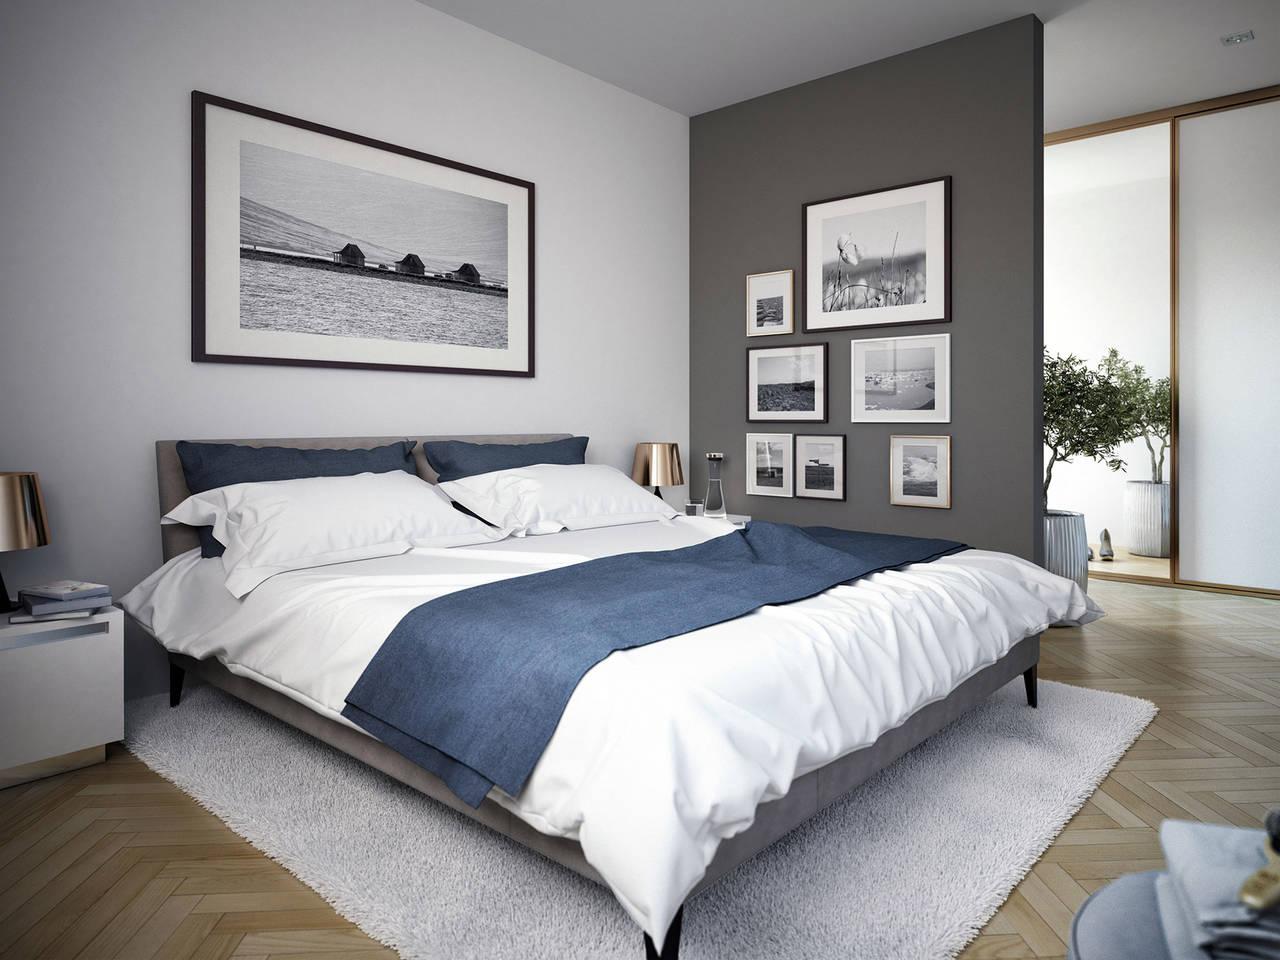 Haus SOLUTION 204 V2 Schlafzimmer von Living Haus